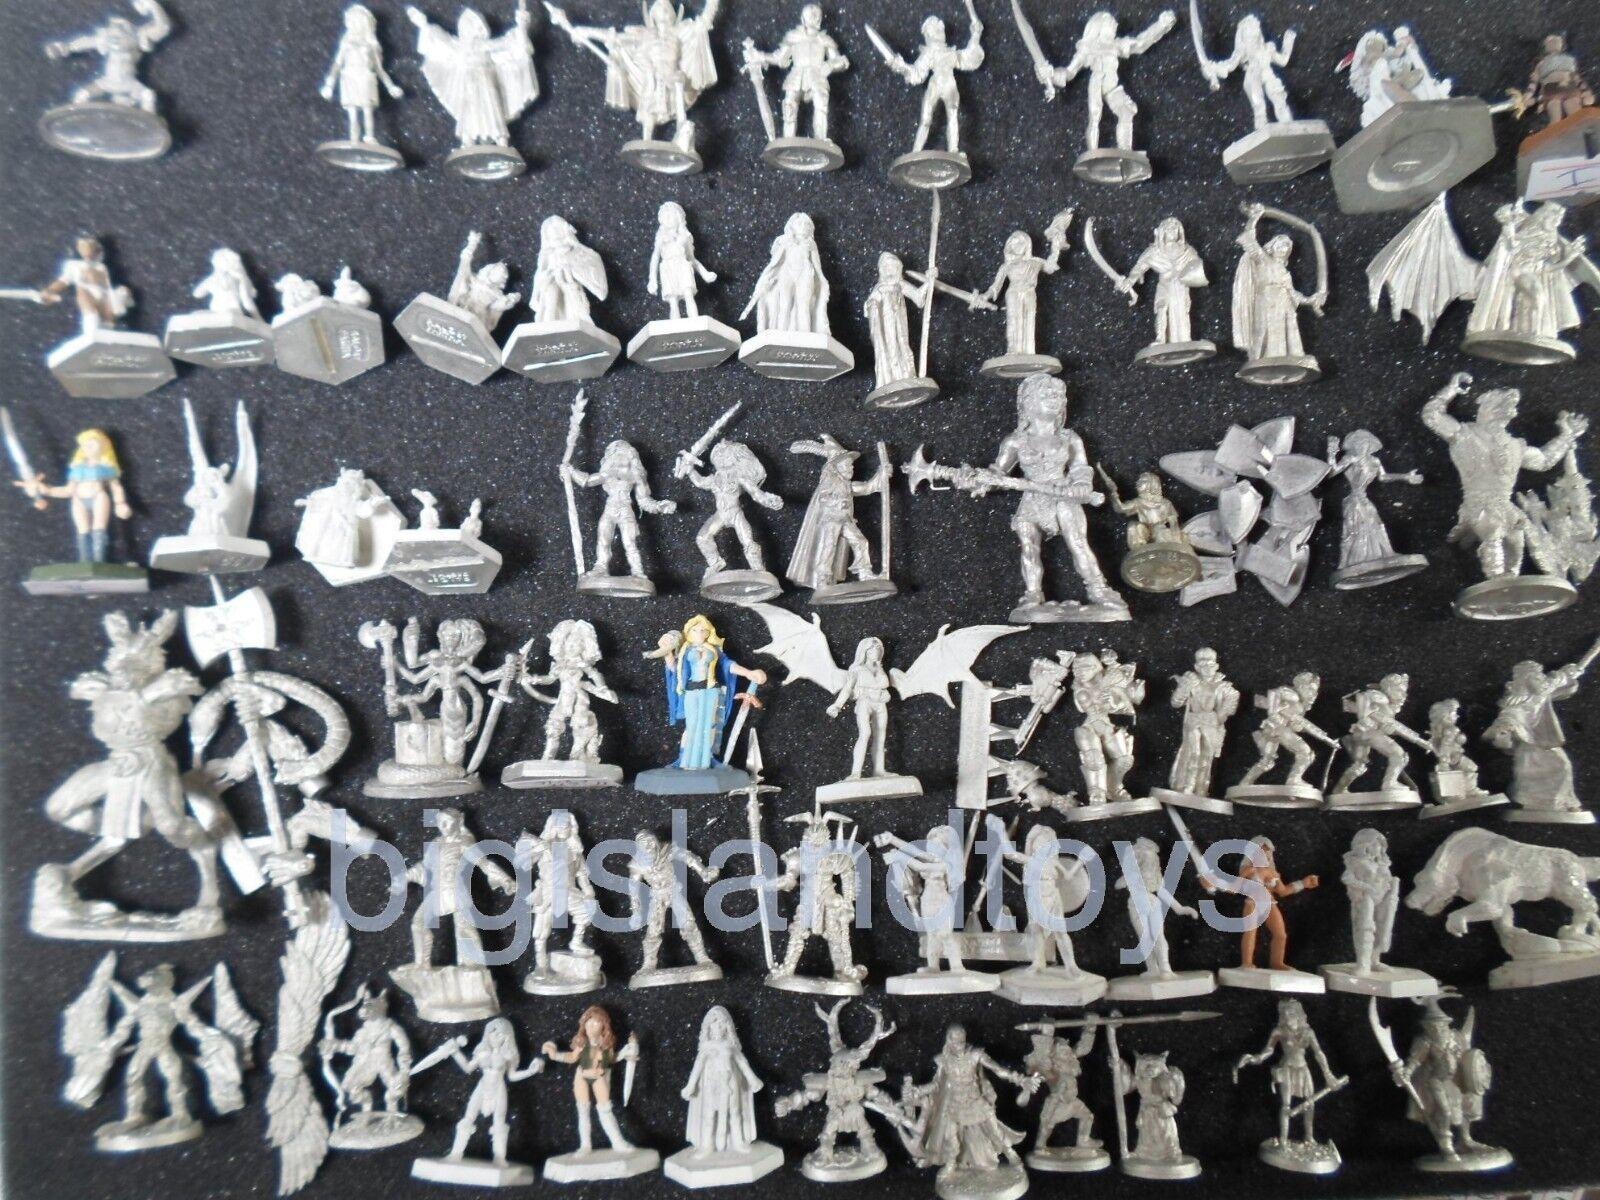 Der partha 1990 - 1997 ad & d persönlichkeiten 25mm planescape miniaturen [entscheidung]